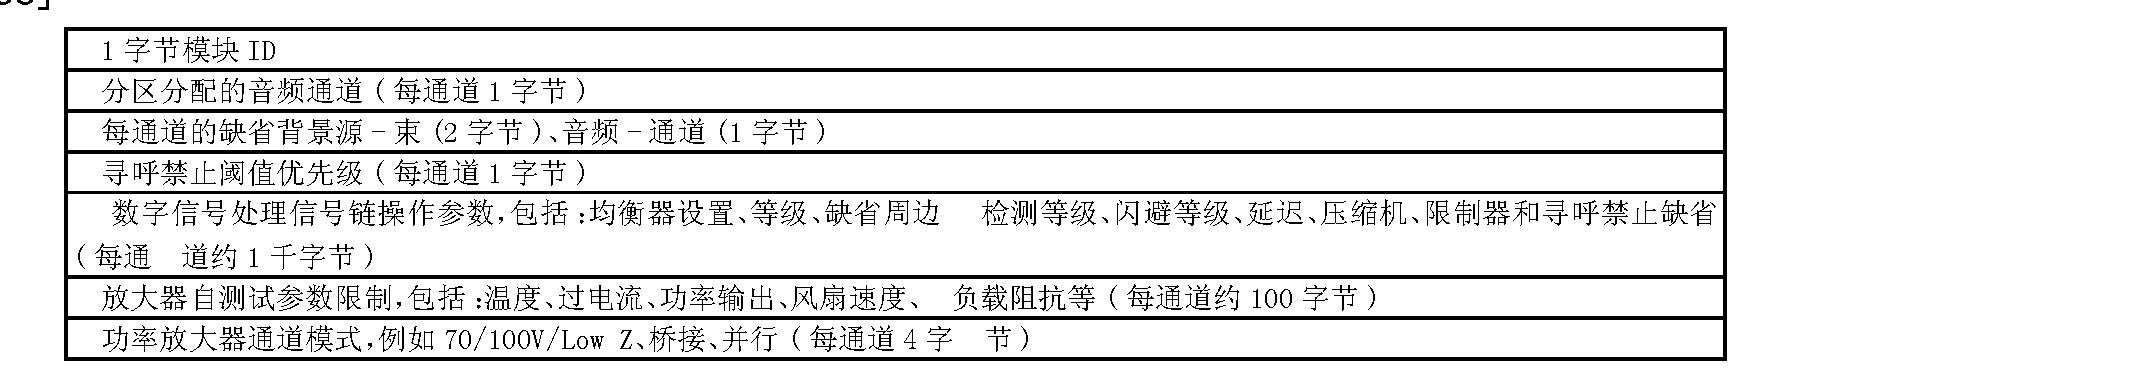 Figure CN101095371BD00161